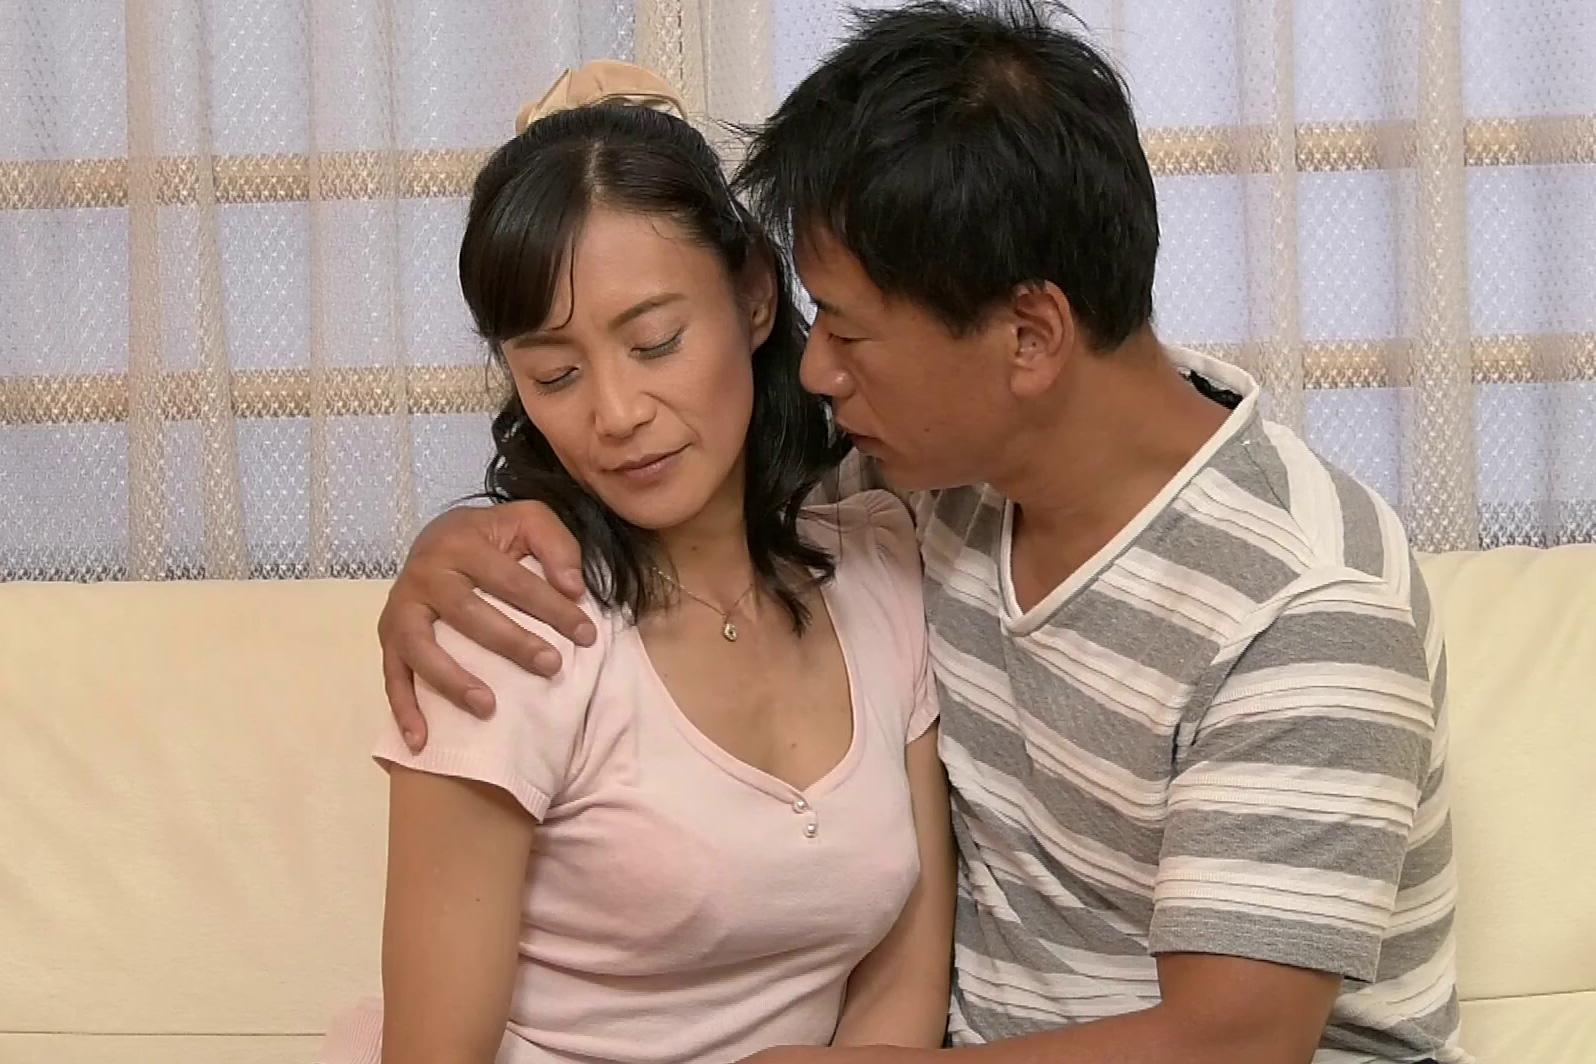 平岡里枝子 仕事のストレスと旦那への不満からナンパされた男について行き不倫に走る四十路の人妻